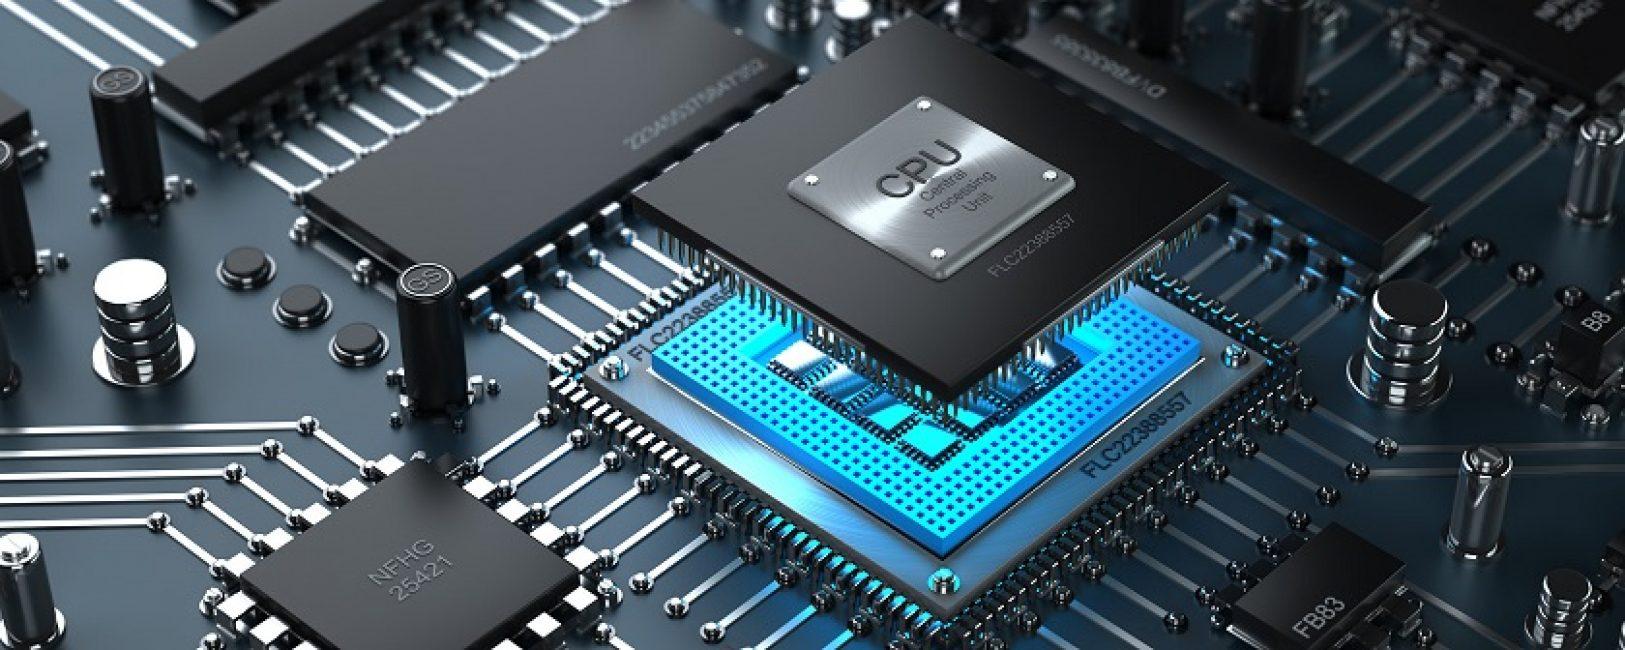 лучший процессор для ноутбука